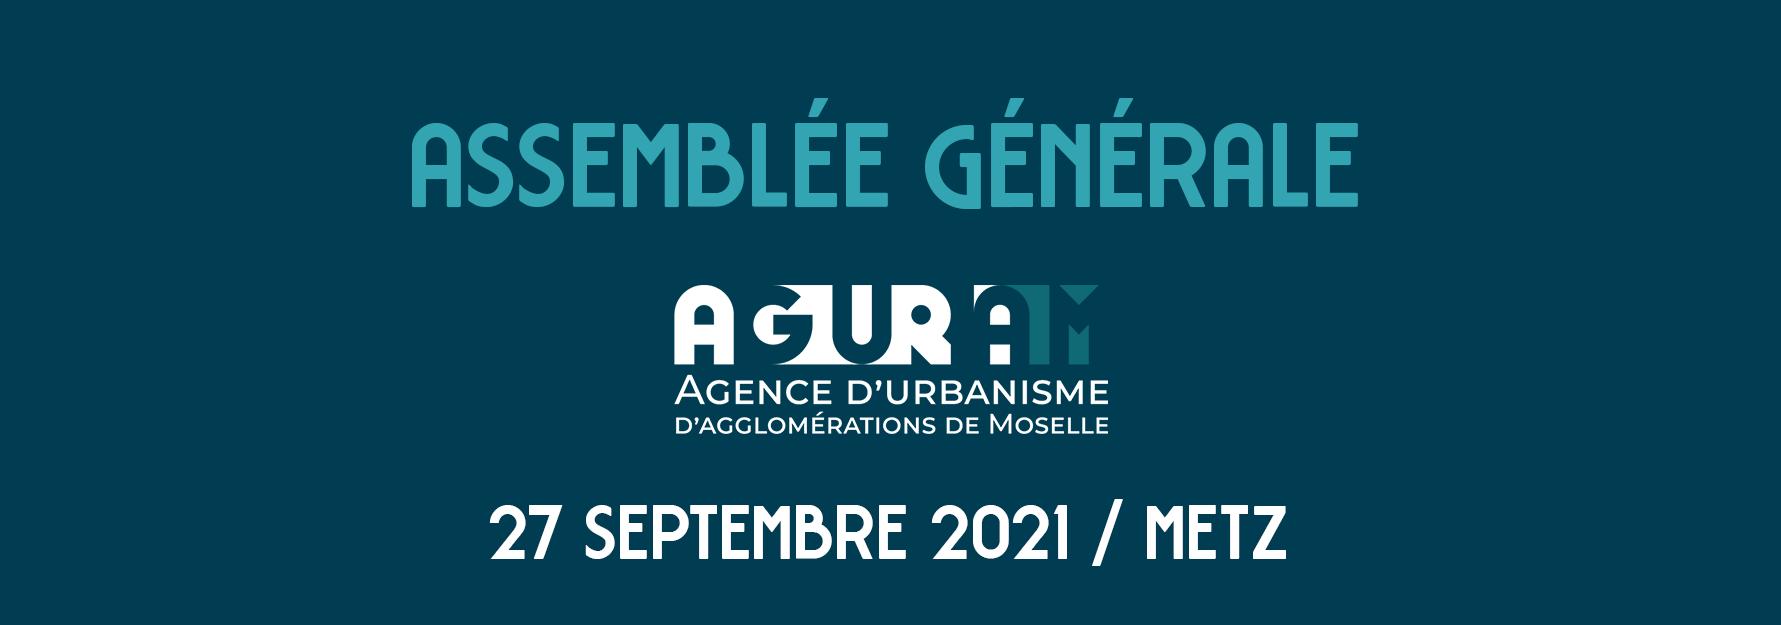 Assemblée générale : rendez-vous le 27 septembre à Metz